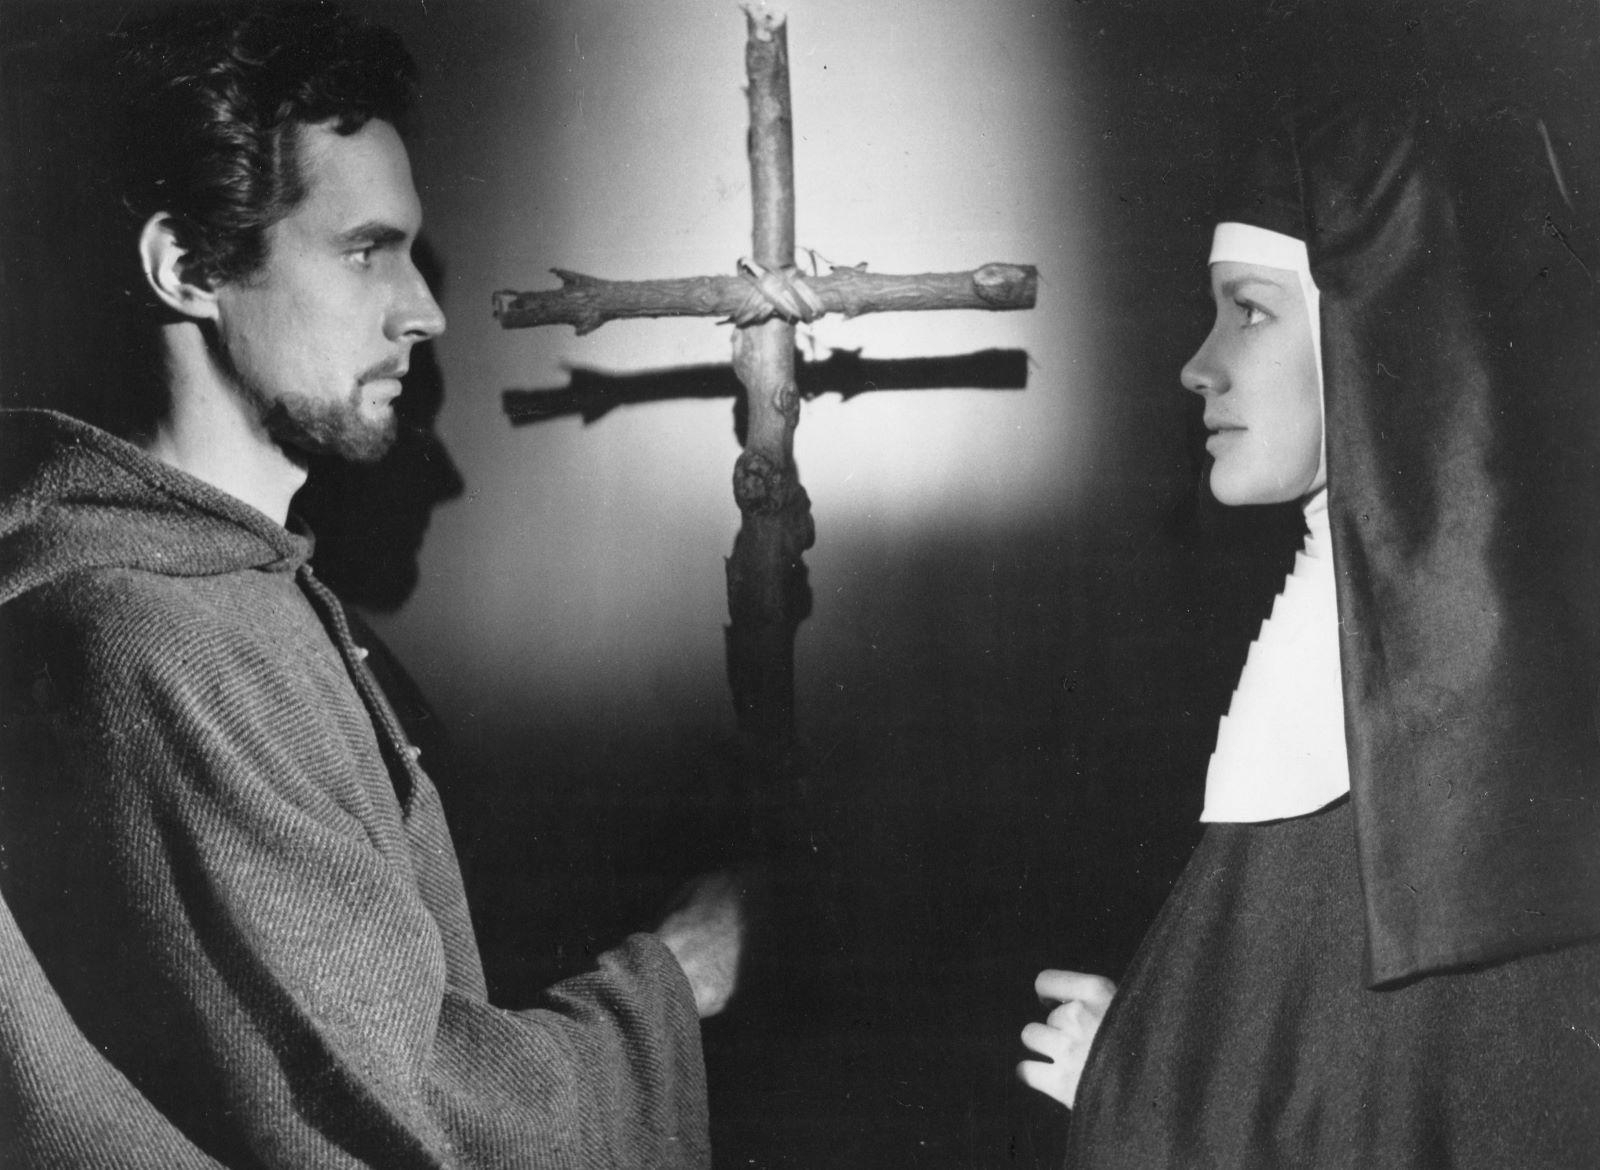 La impactante Iluminación de Dolores Hart [de famosa actriz de Hollywood a abadesa de monasterio]